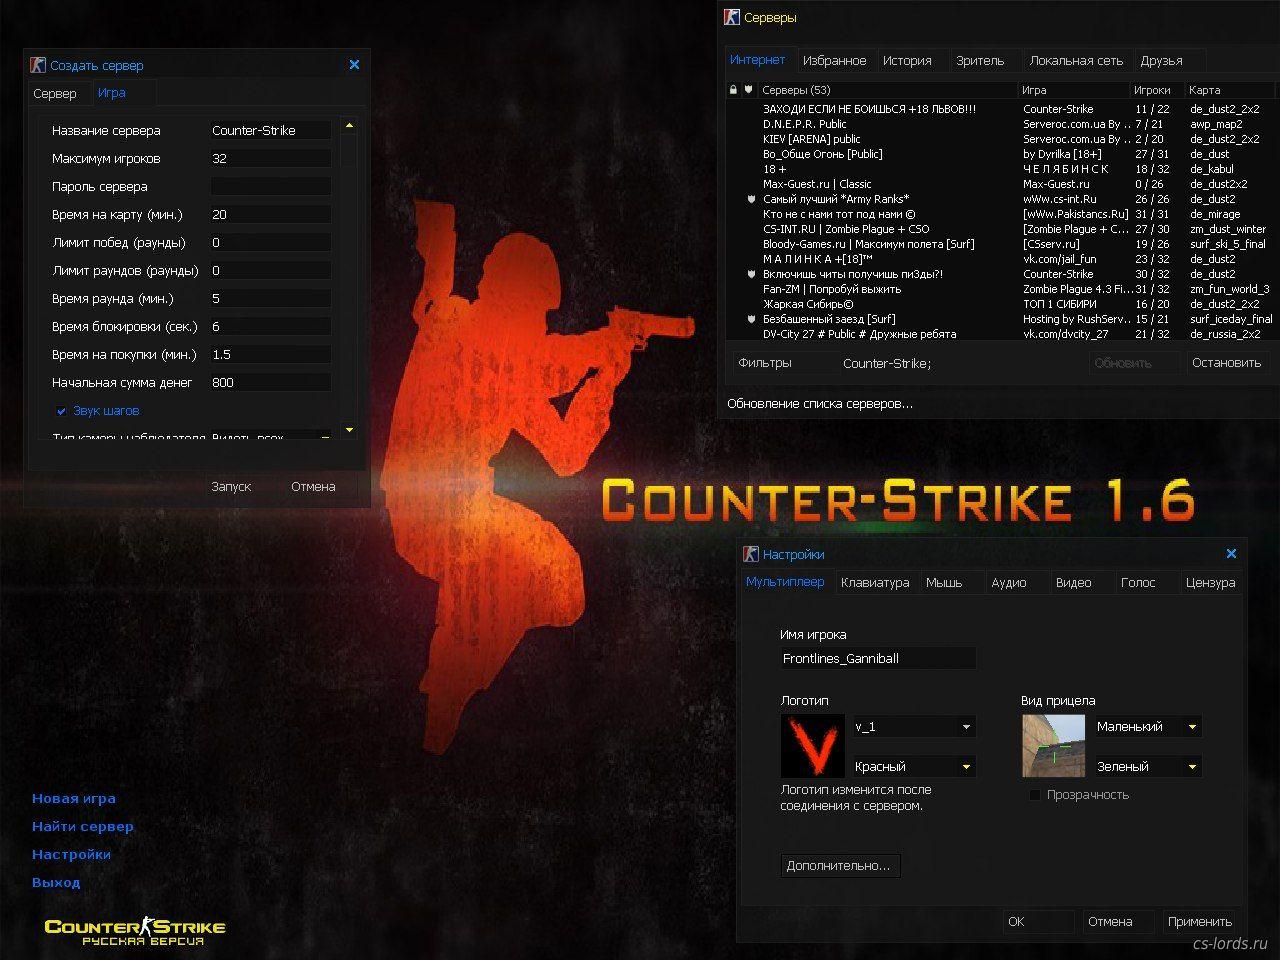 Как сделать сервер в counter strike 1.6